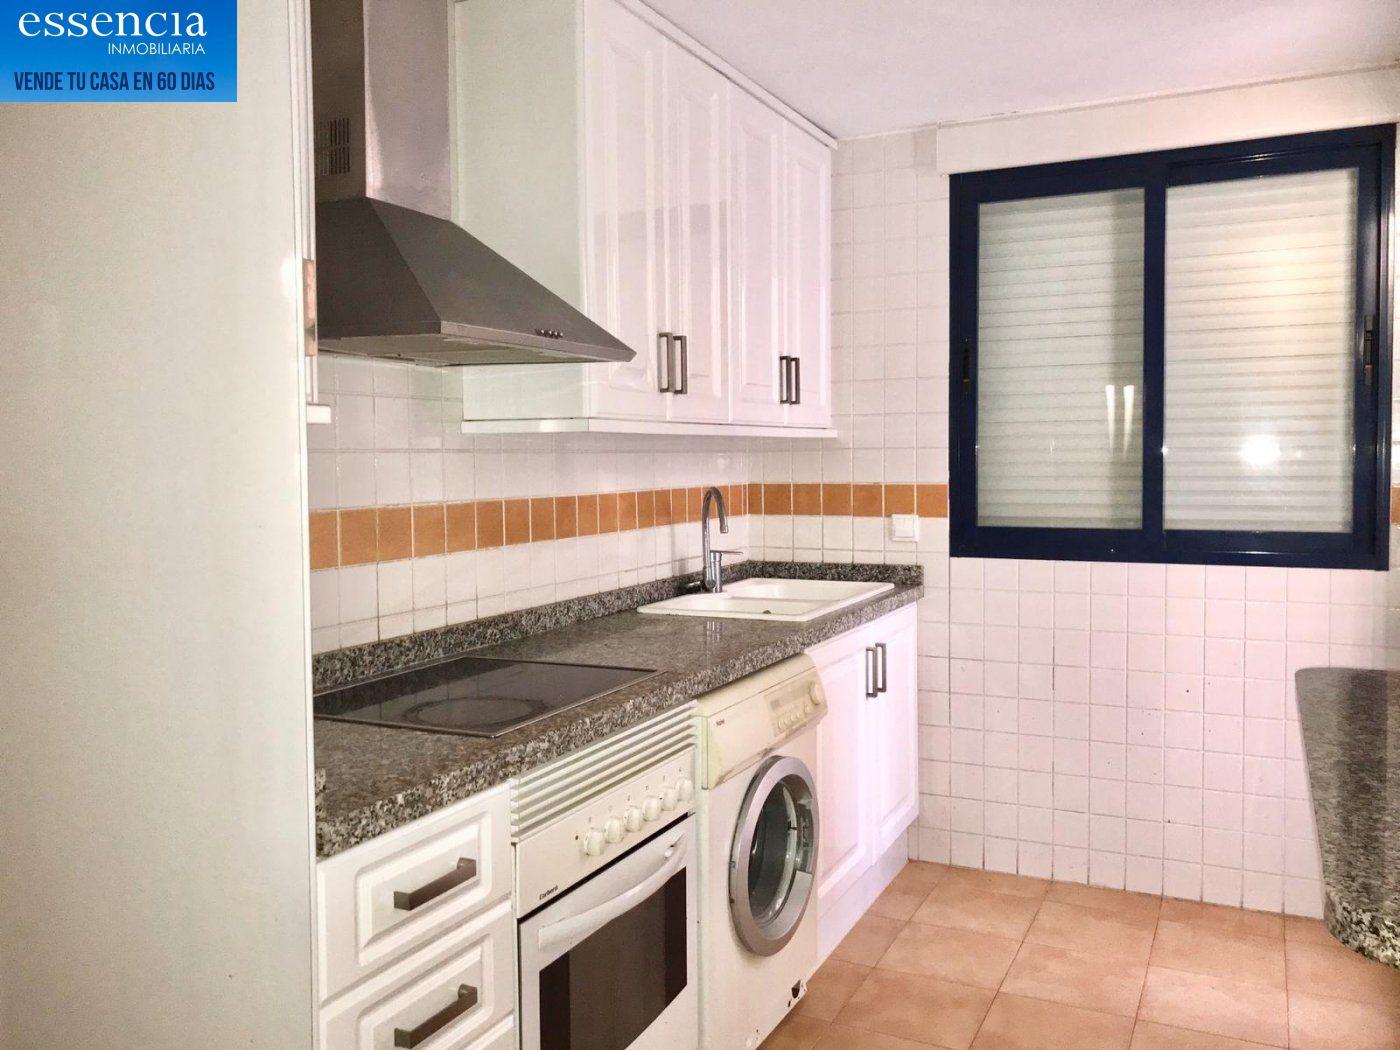 Apartamento de 2 dormitorios y 2 baños con salón con balcón. - imagenInmueble4